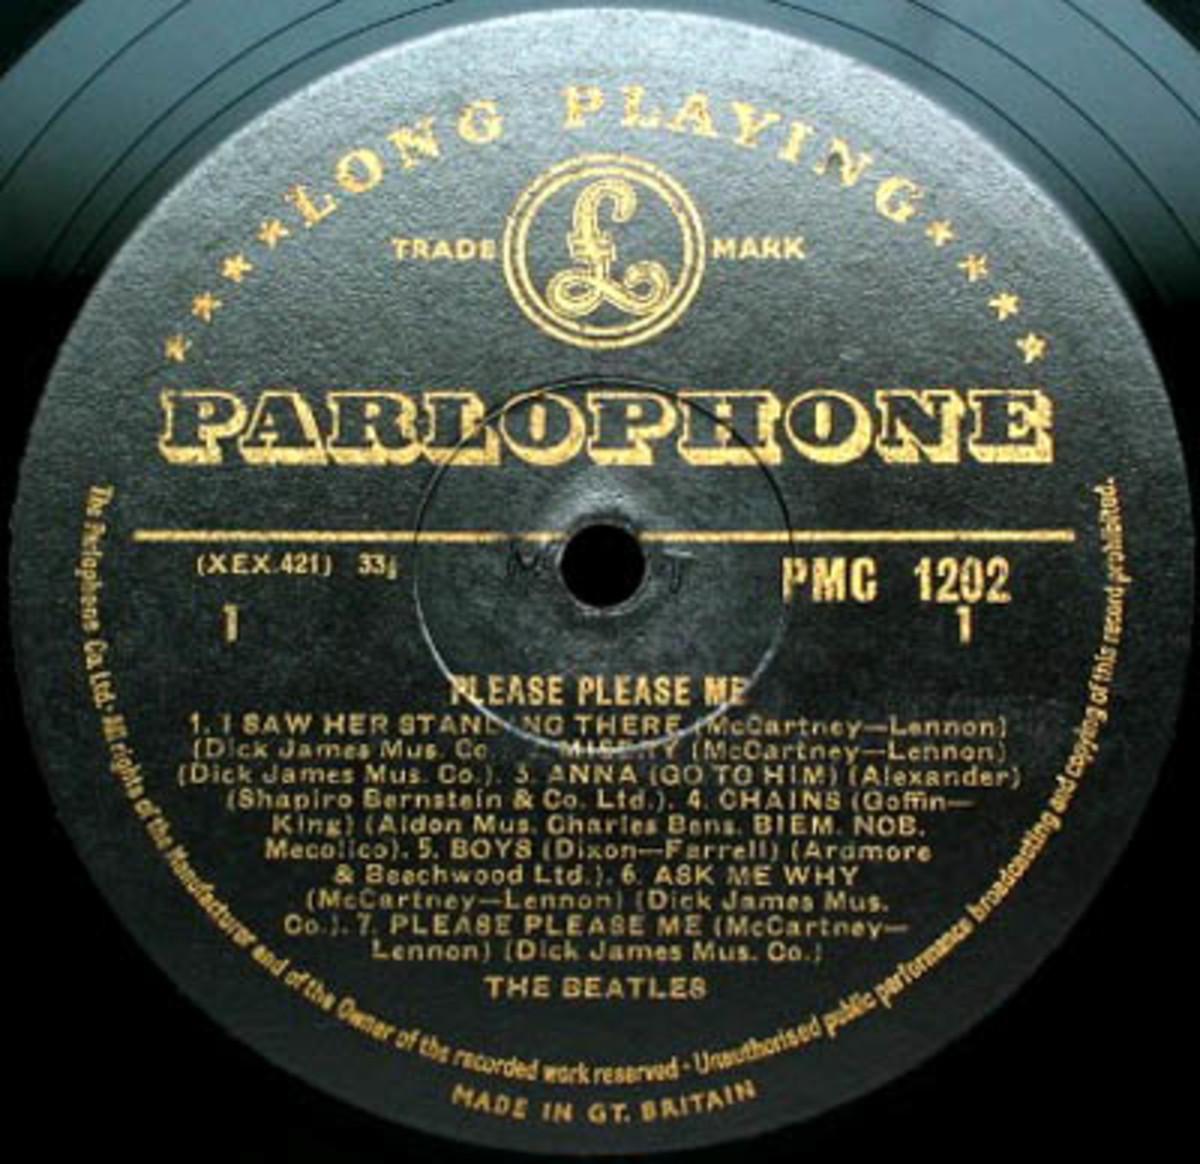 The Beatles Please Please Me Parlophone Records Mono Gold Label LP Vinyl Record